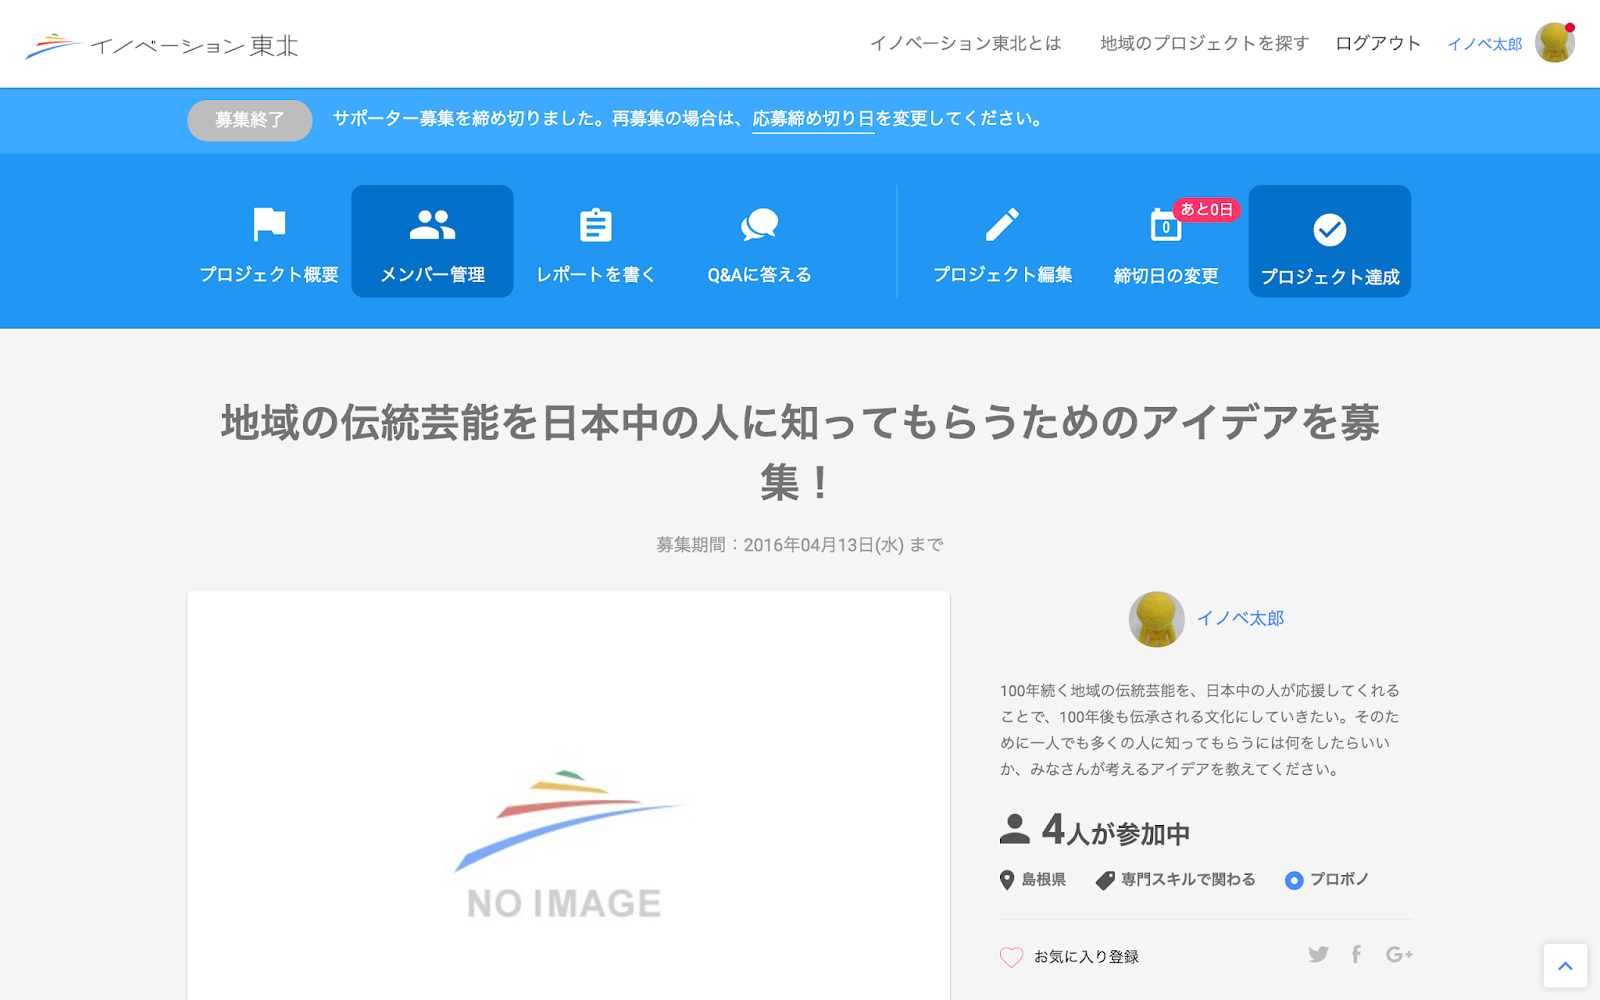 プロジェクト達成01.png